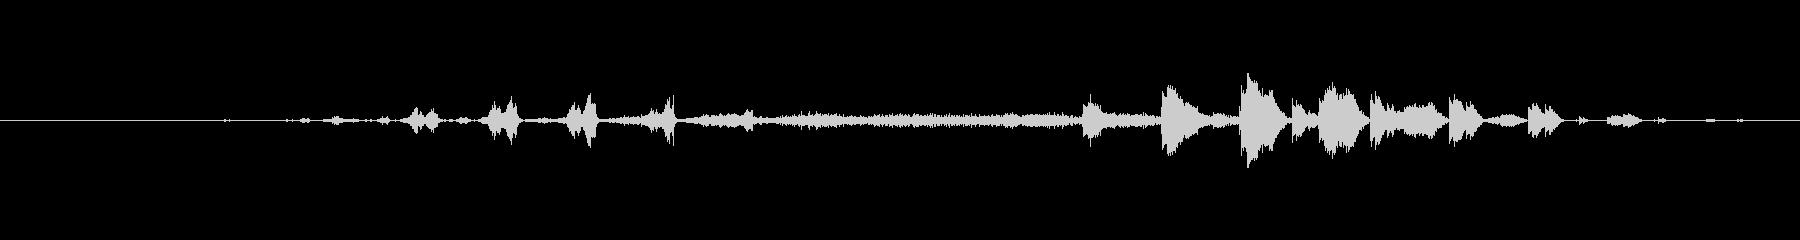 特撮 スイープラトルクリック01の未再生の波形